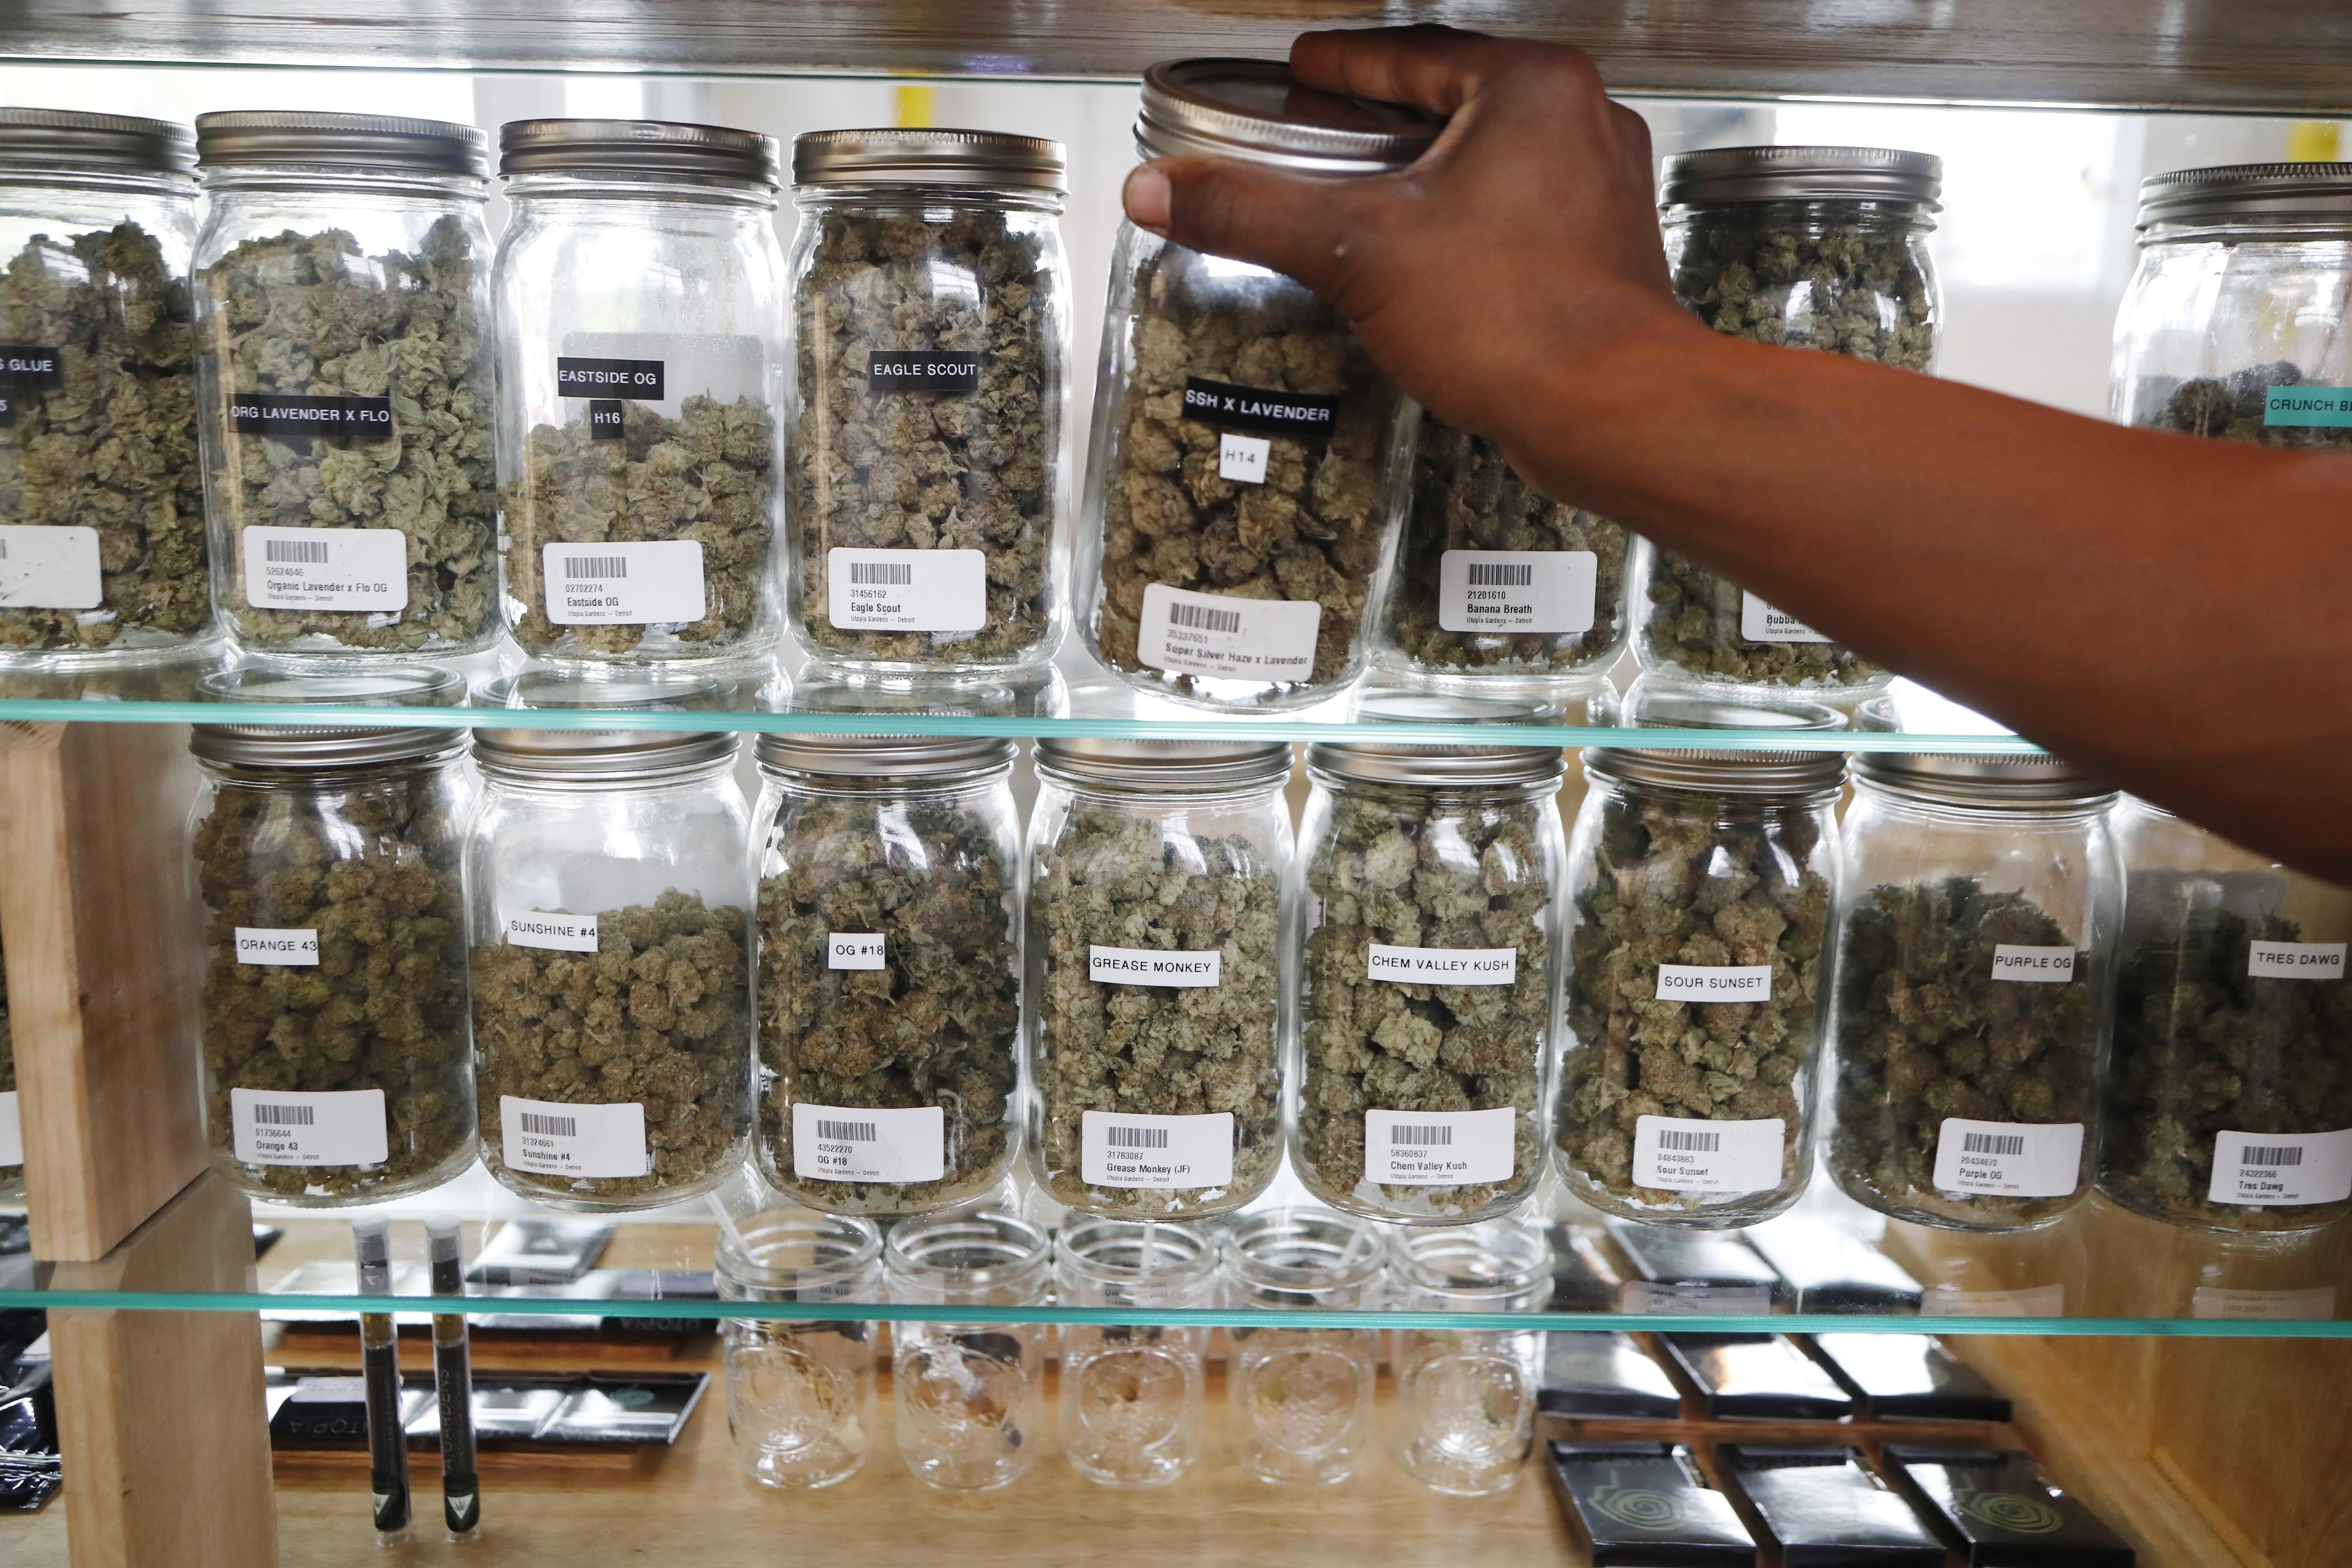 Marijuana industry gets boost after Michigan OKs